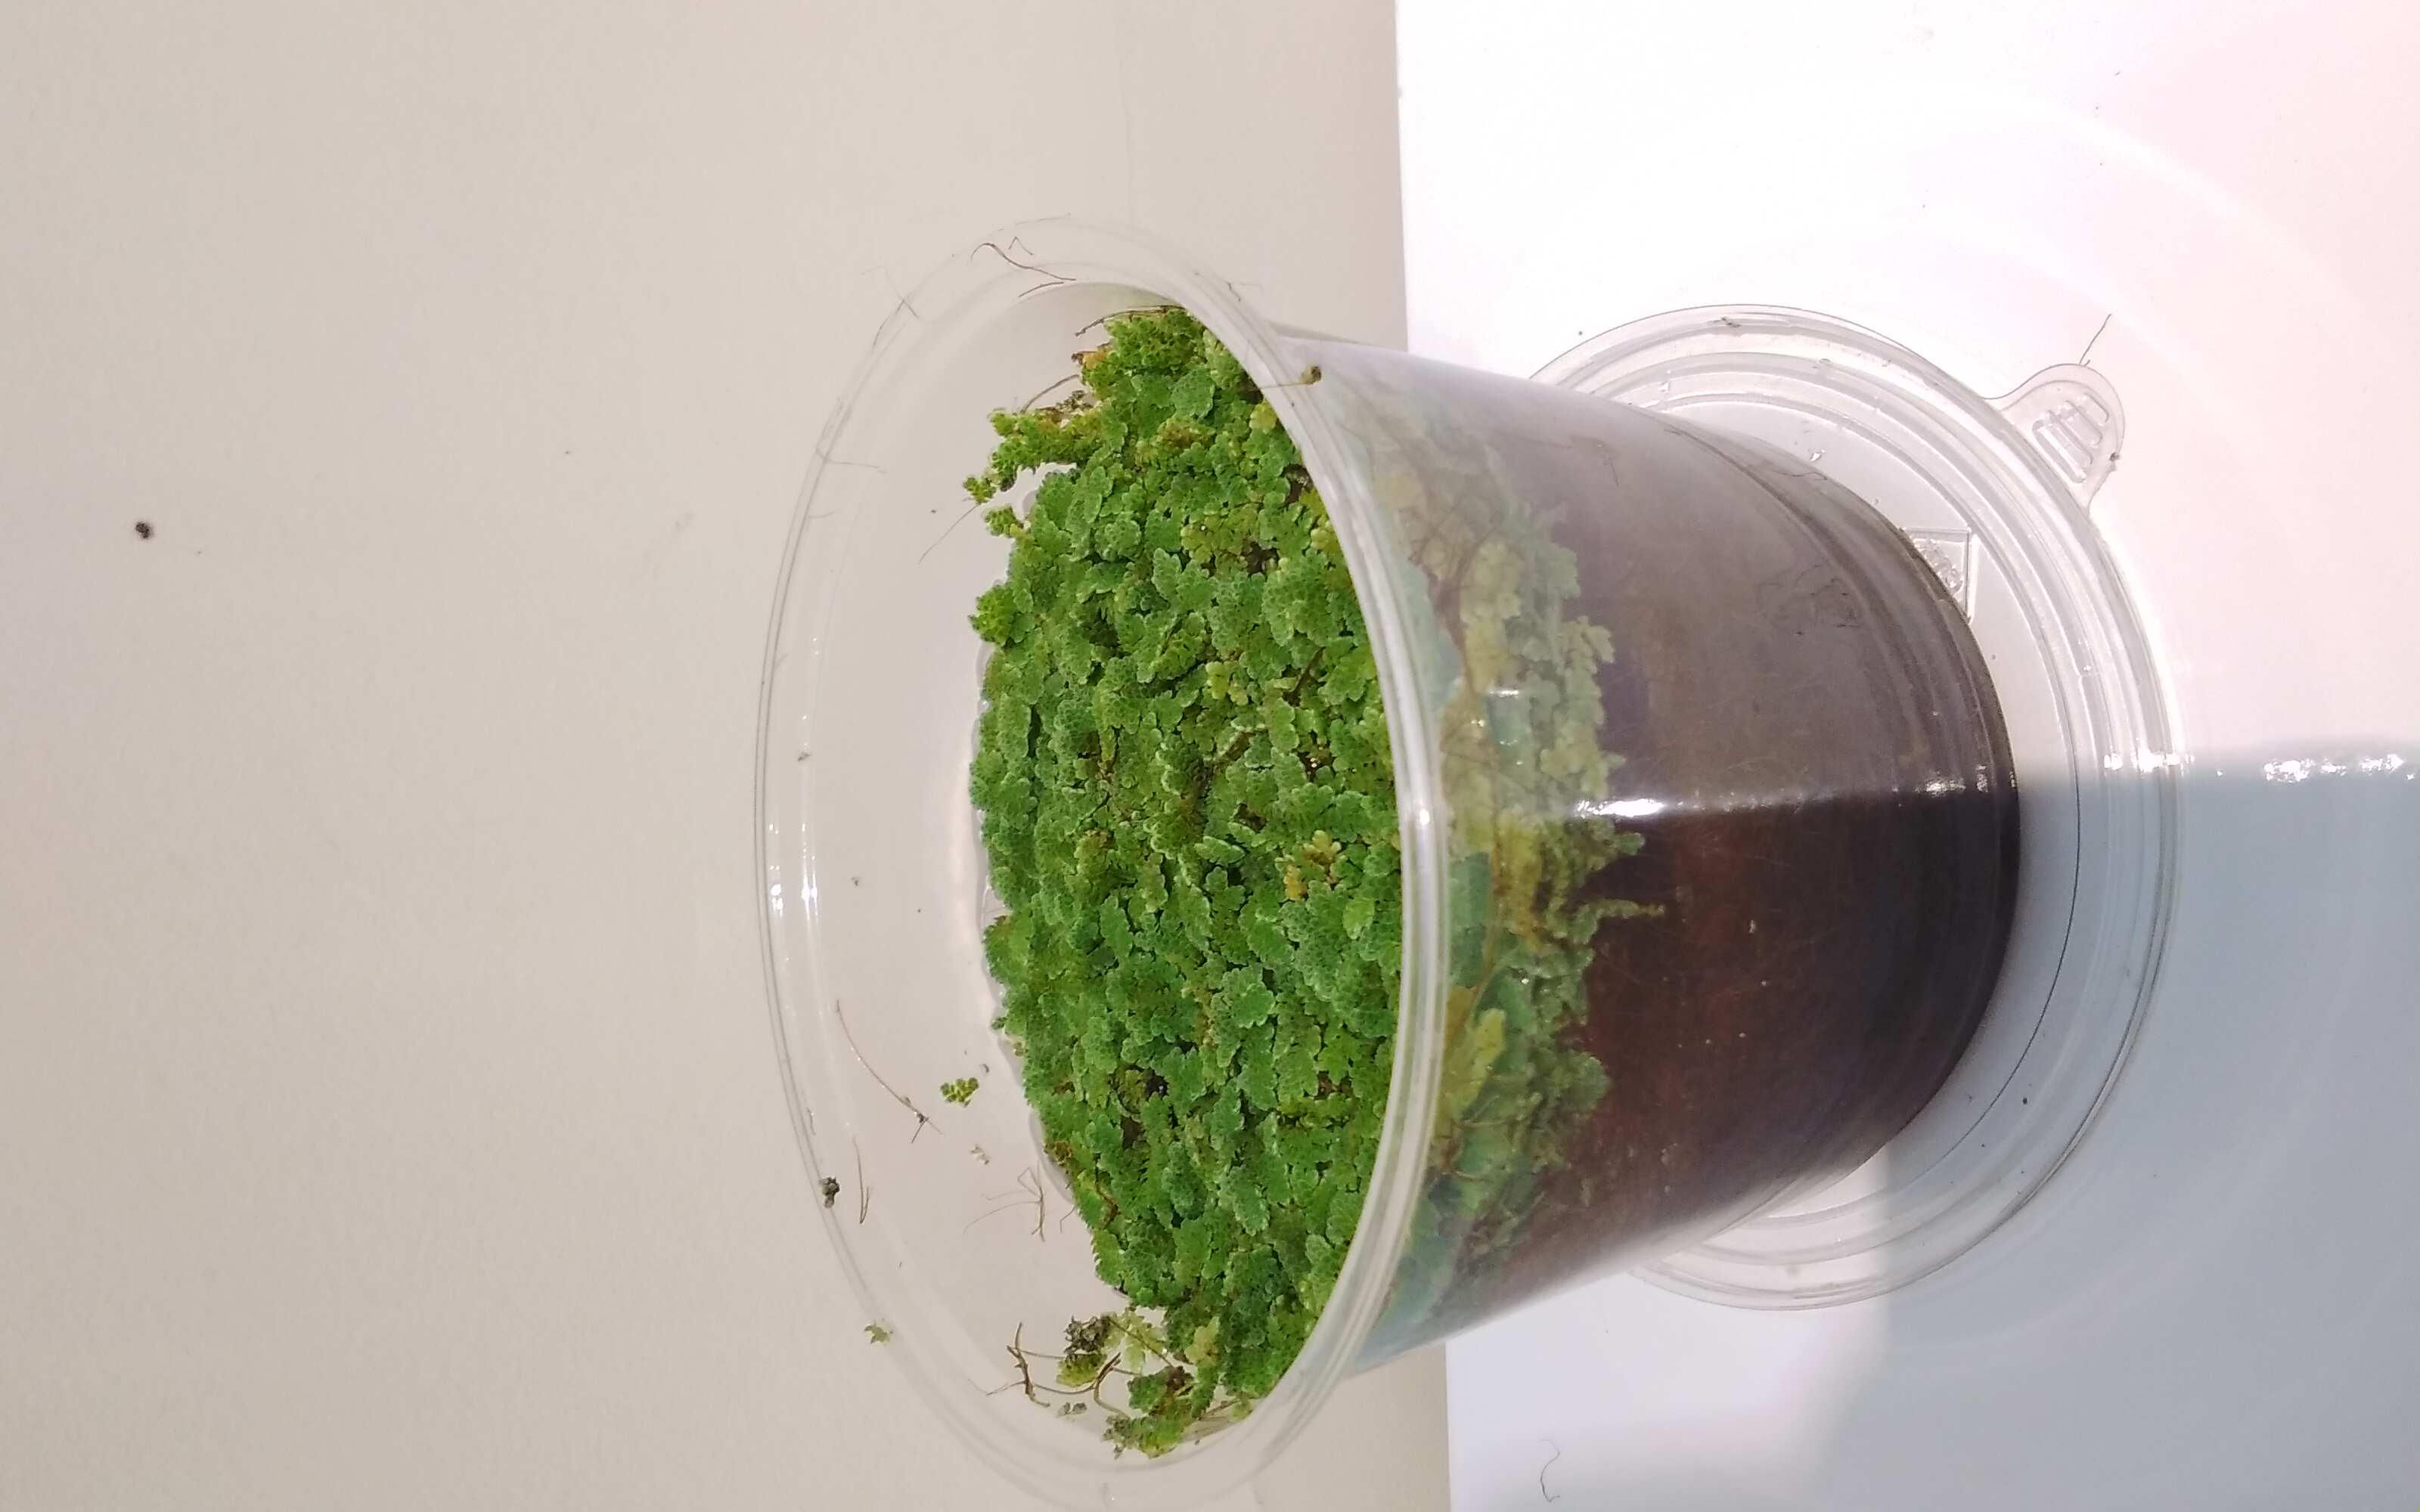 ازولا داخل حوض شفاف 'نباتات خارجية شجيرات